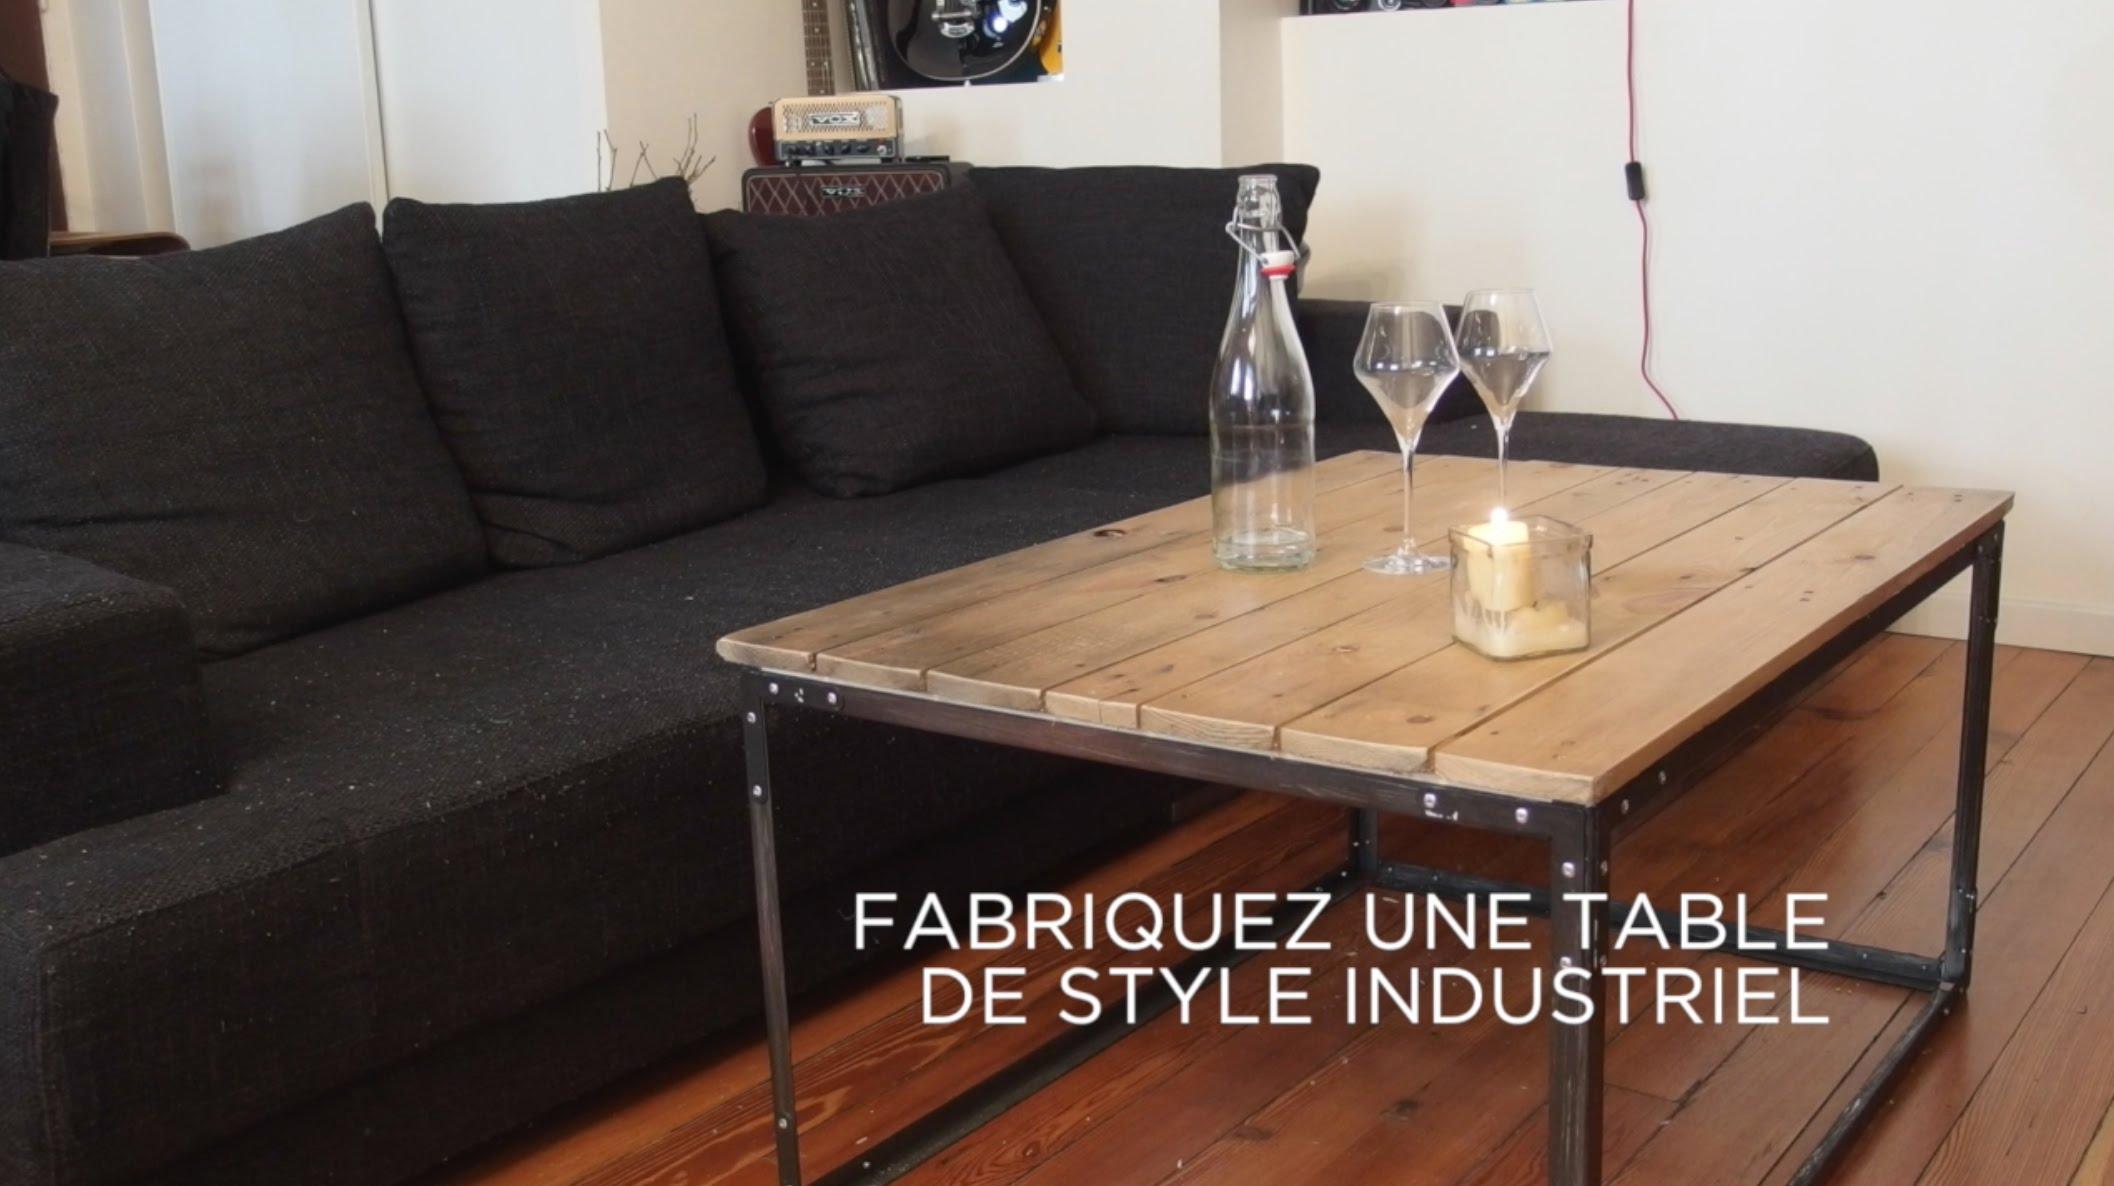 De Industrielle Maison Fabriquer Table Basse Et Meuble Sa b6gfyv7Y